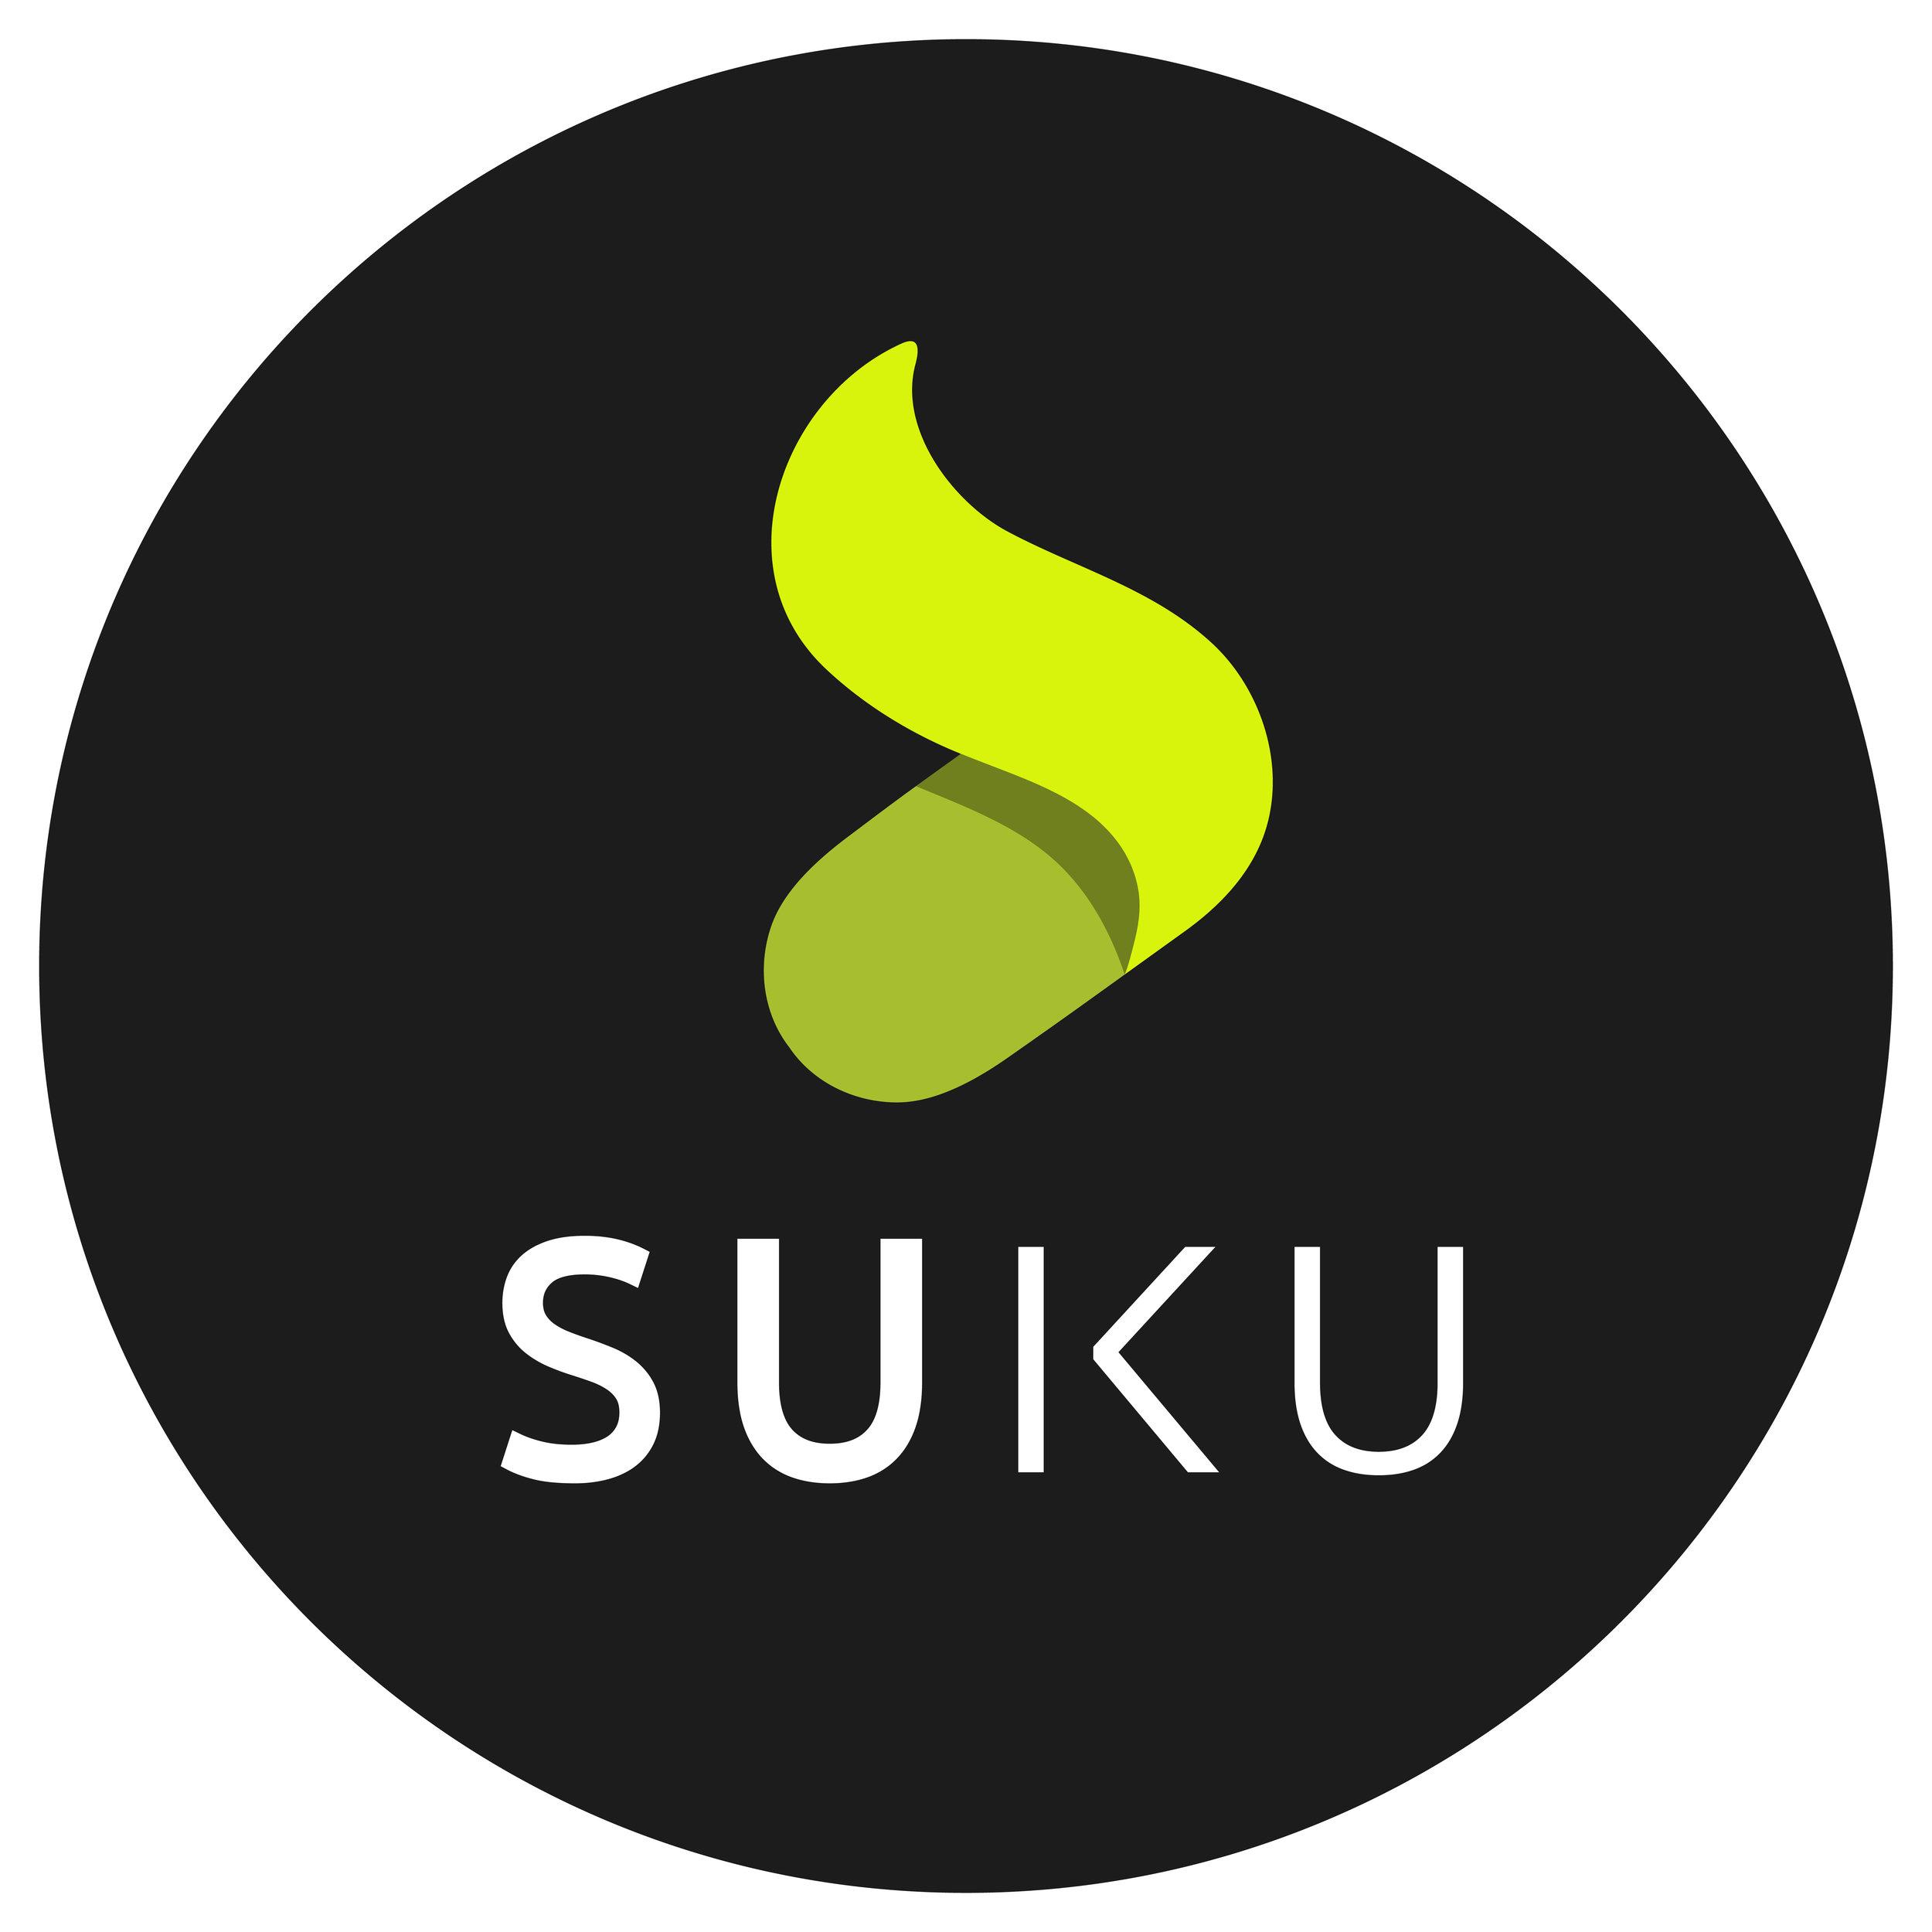 Suku_Logo_Circle2.jpg